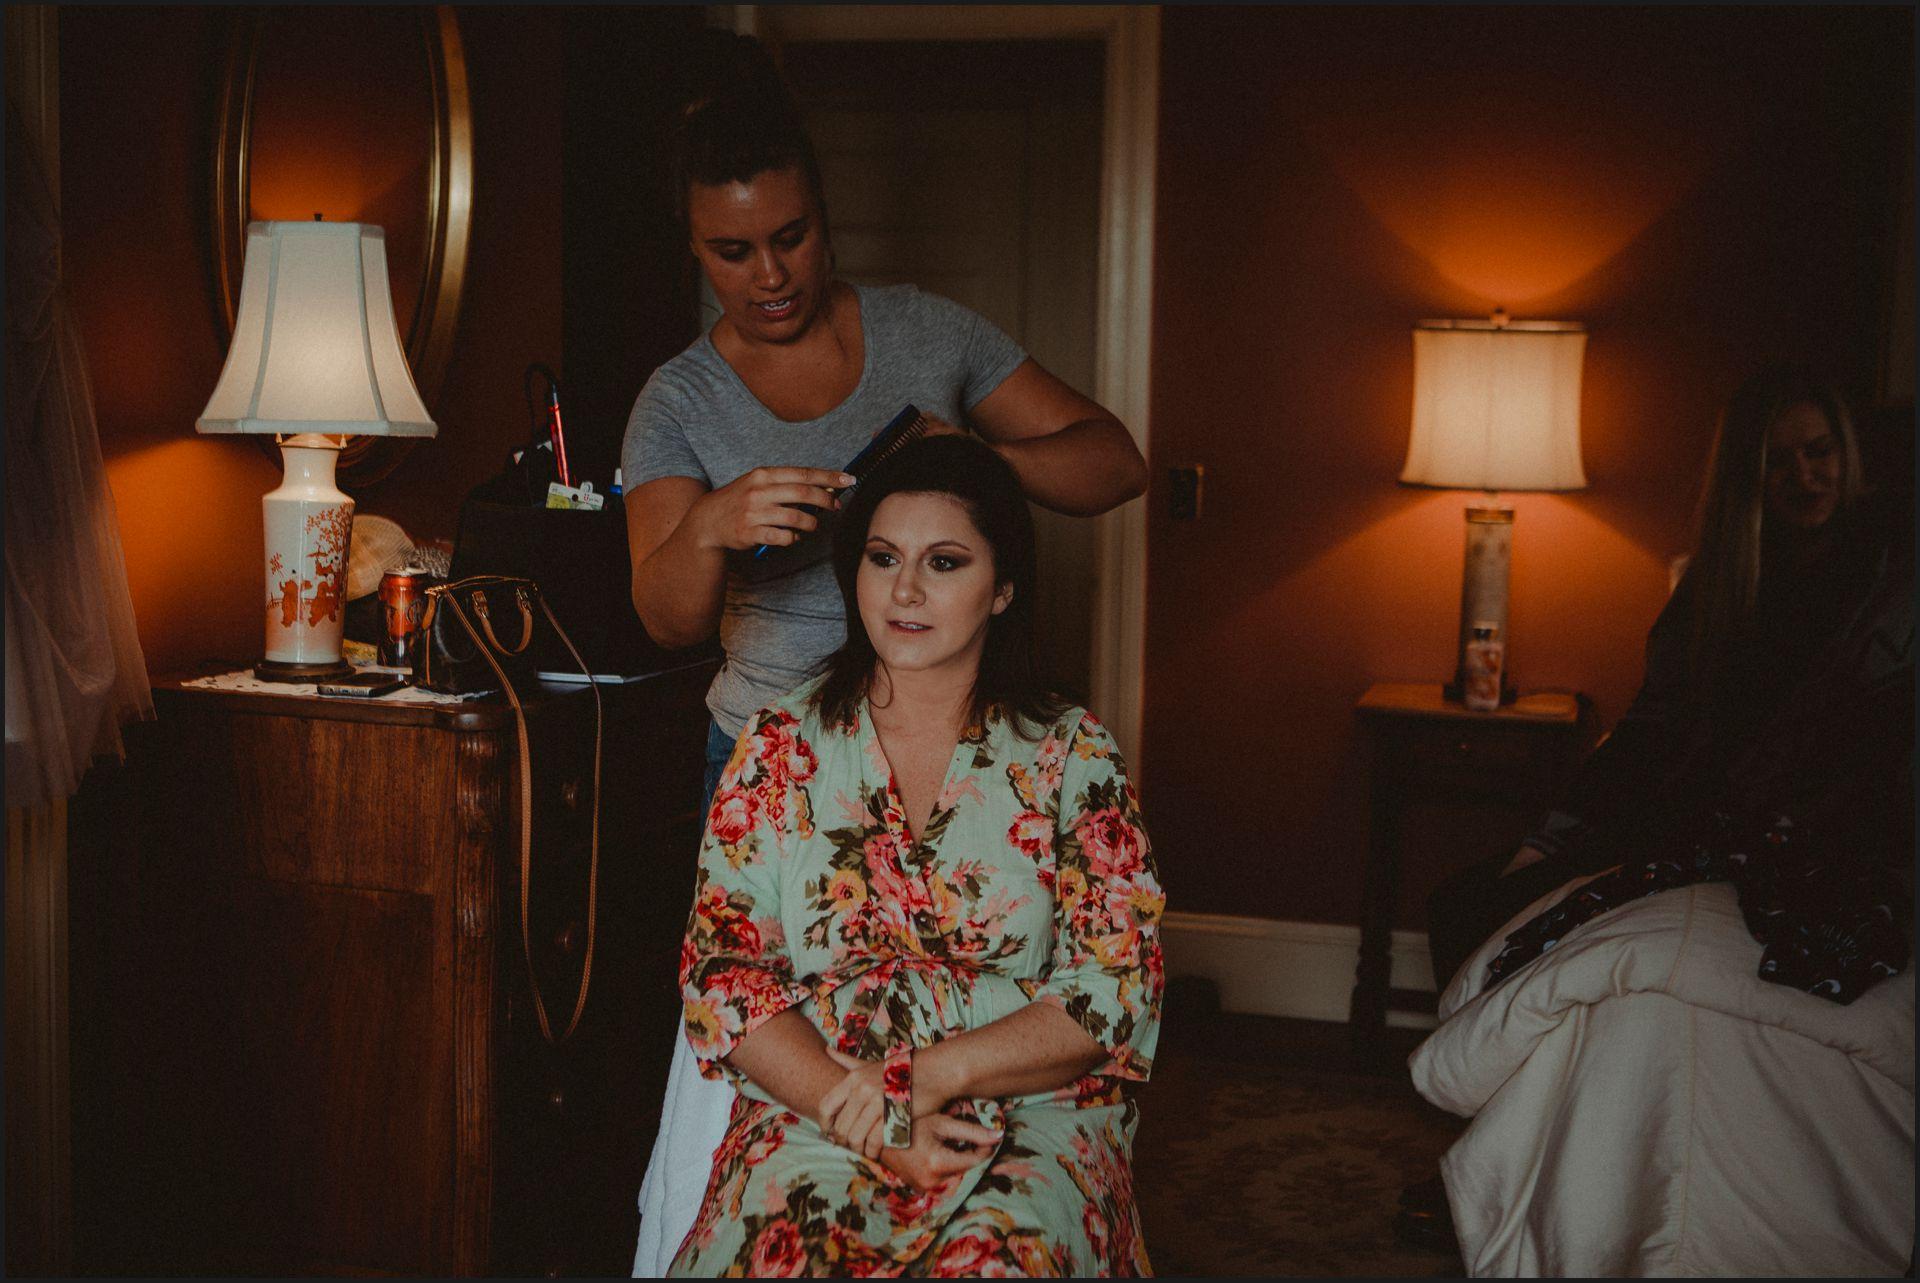 bride, makeup, wedding preparation, wedding, bride preparation, bridal makeup